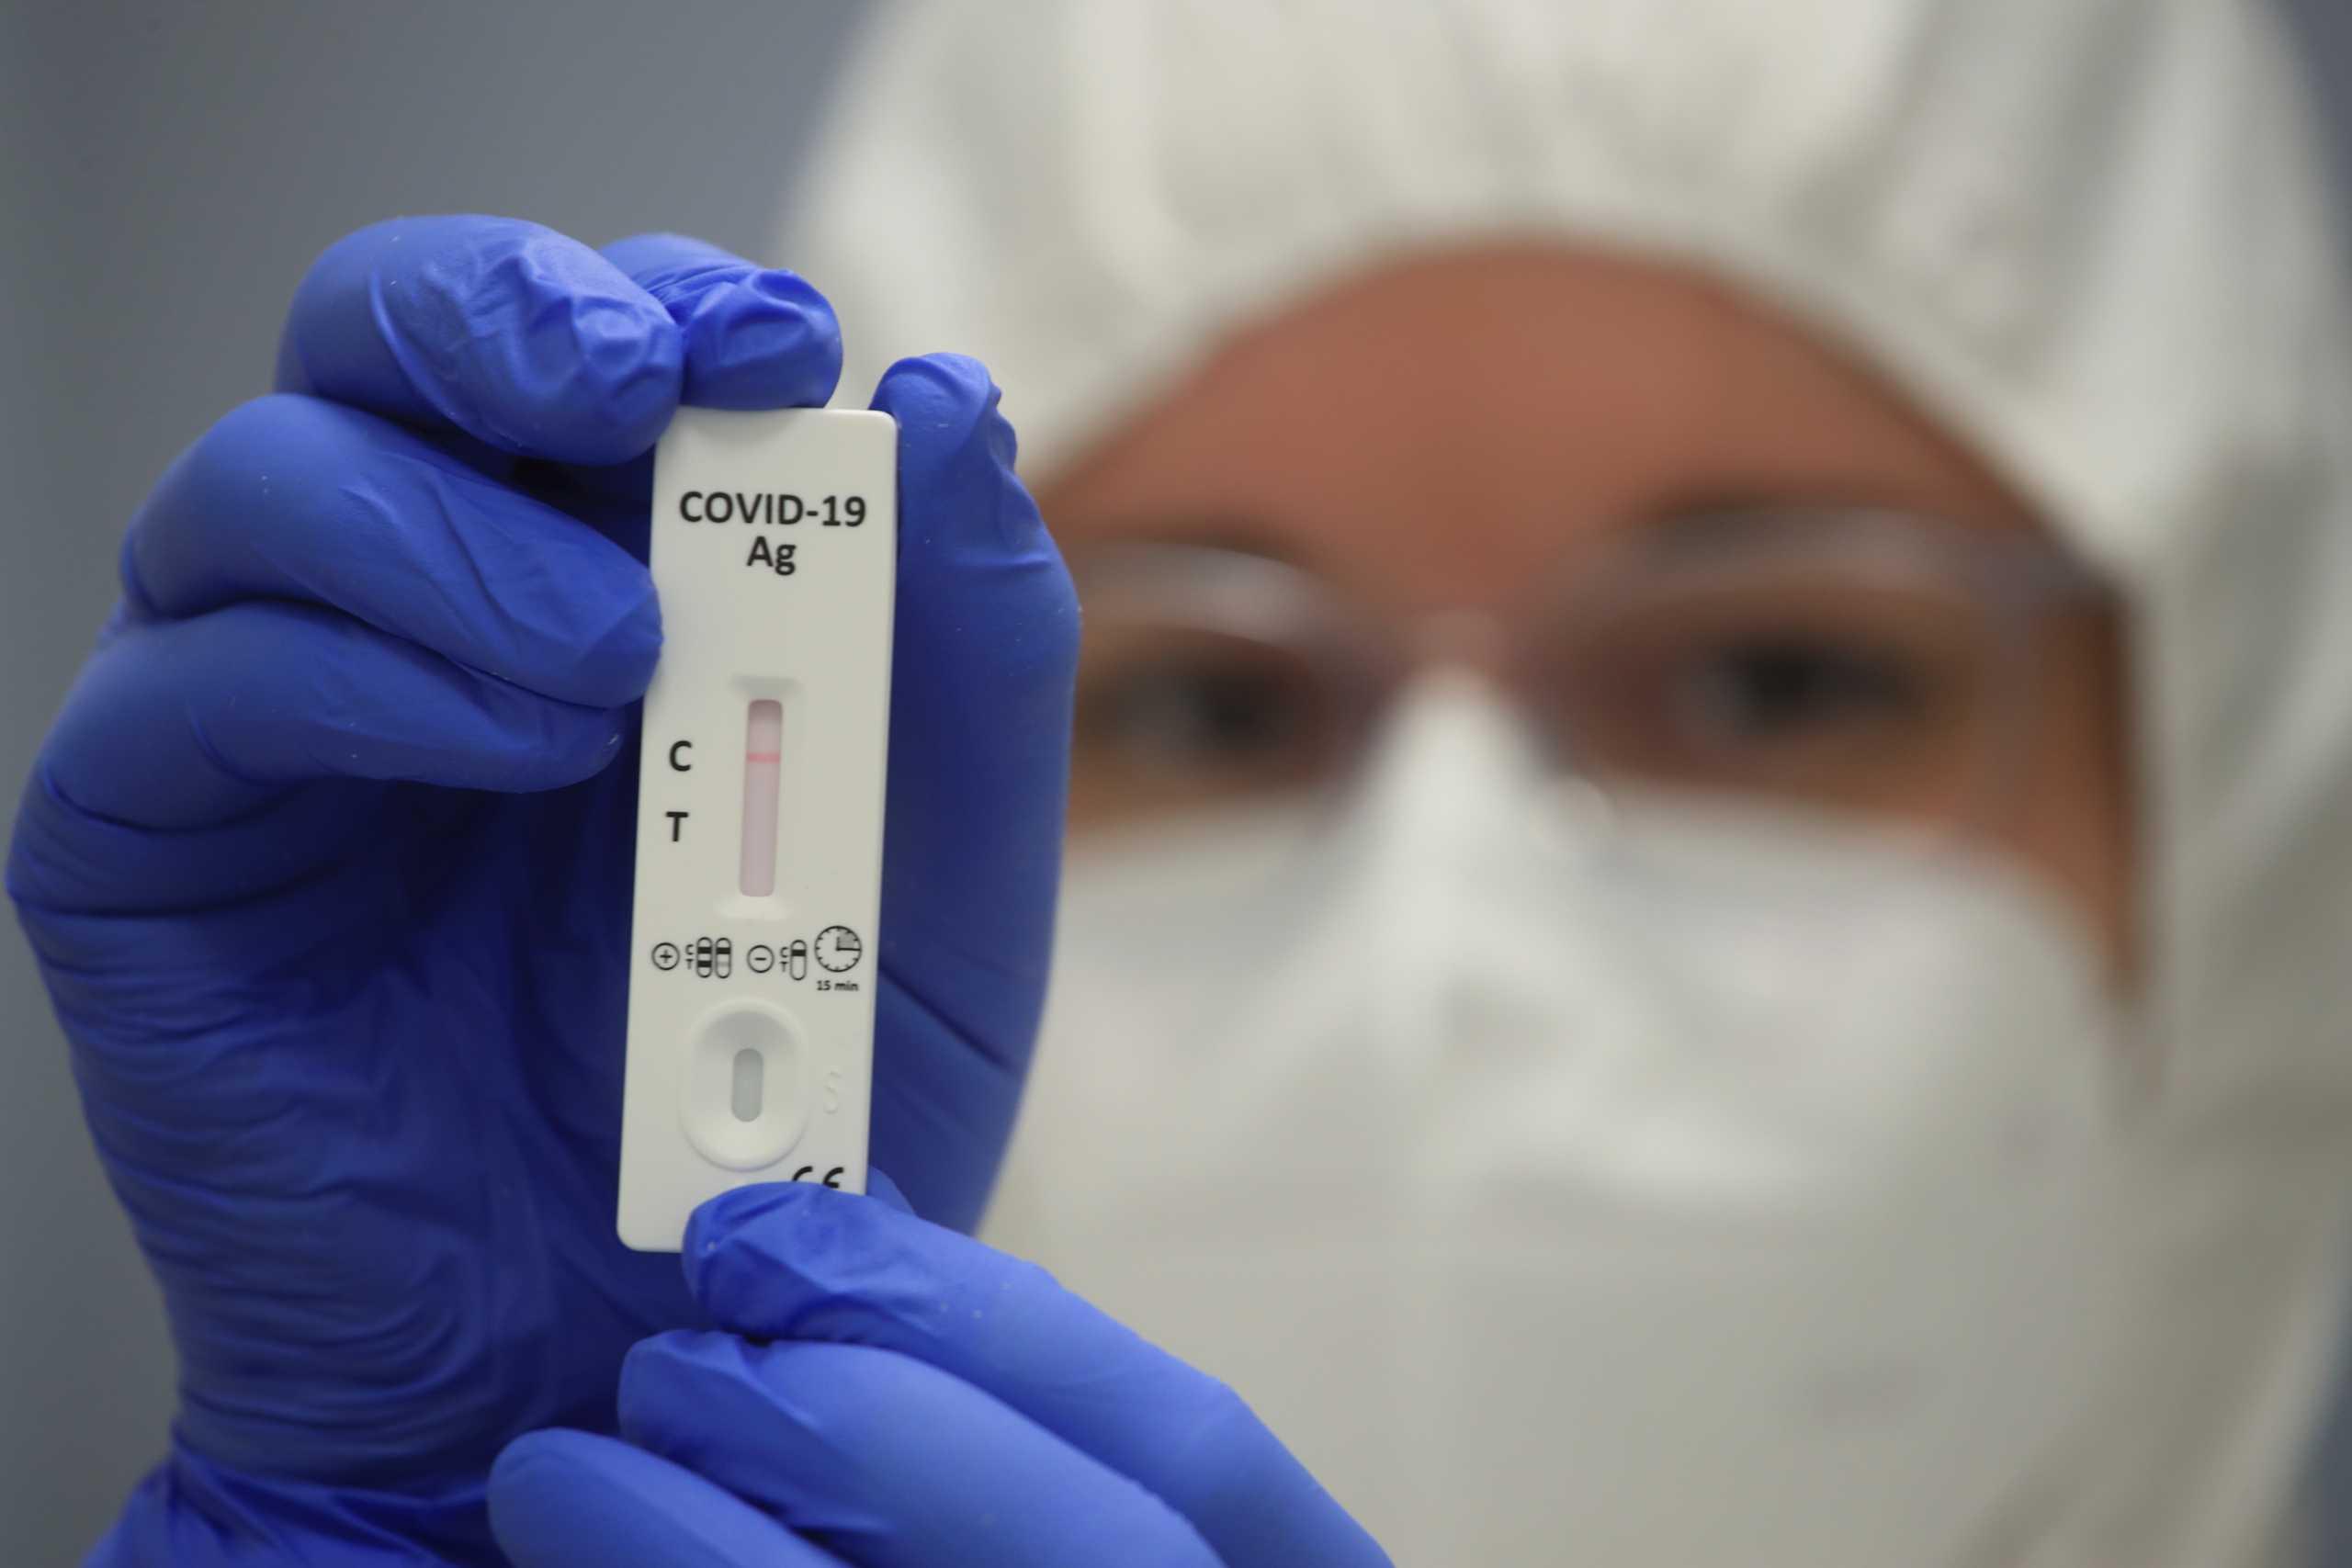 κορονοϊός εμβόλιο μάσκα self test